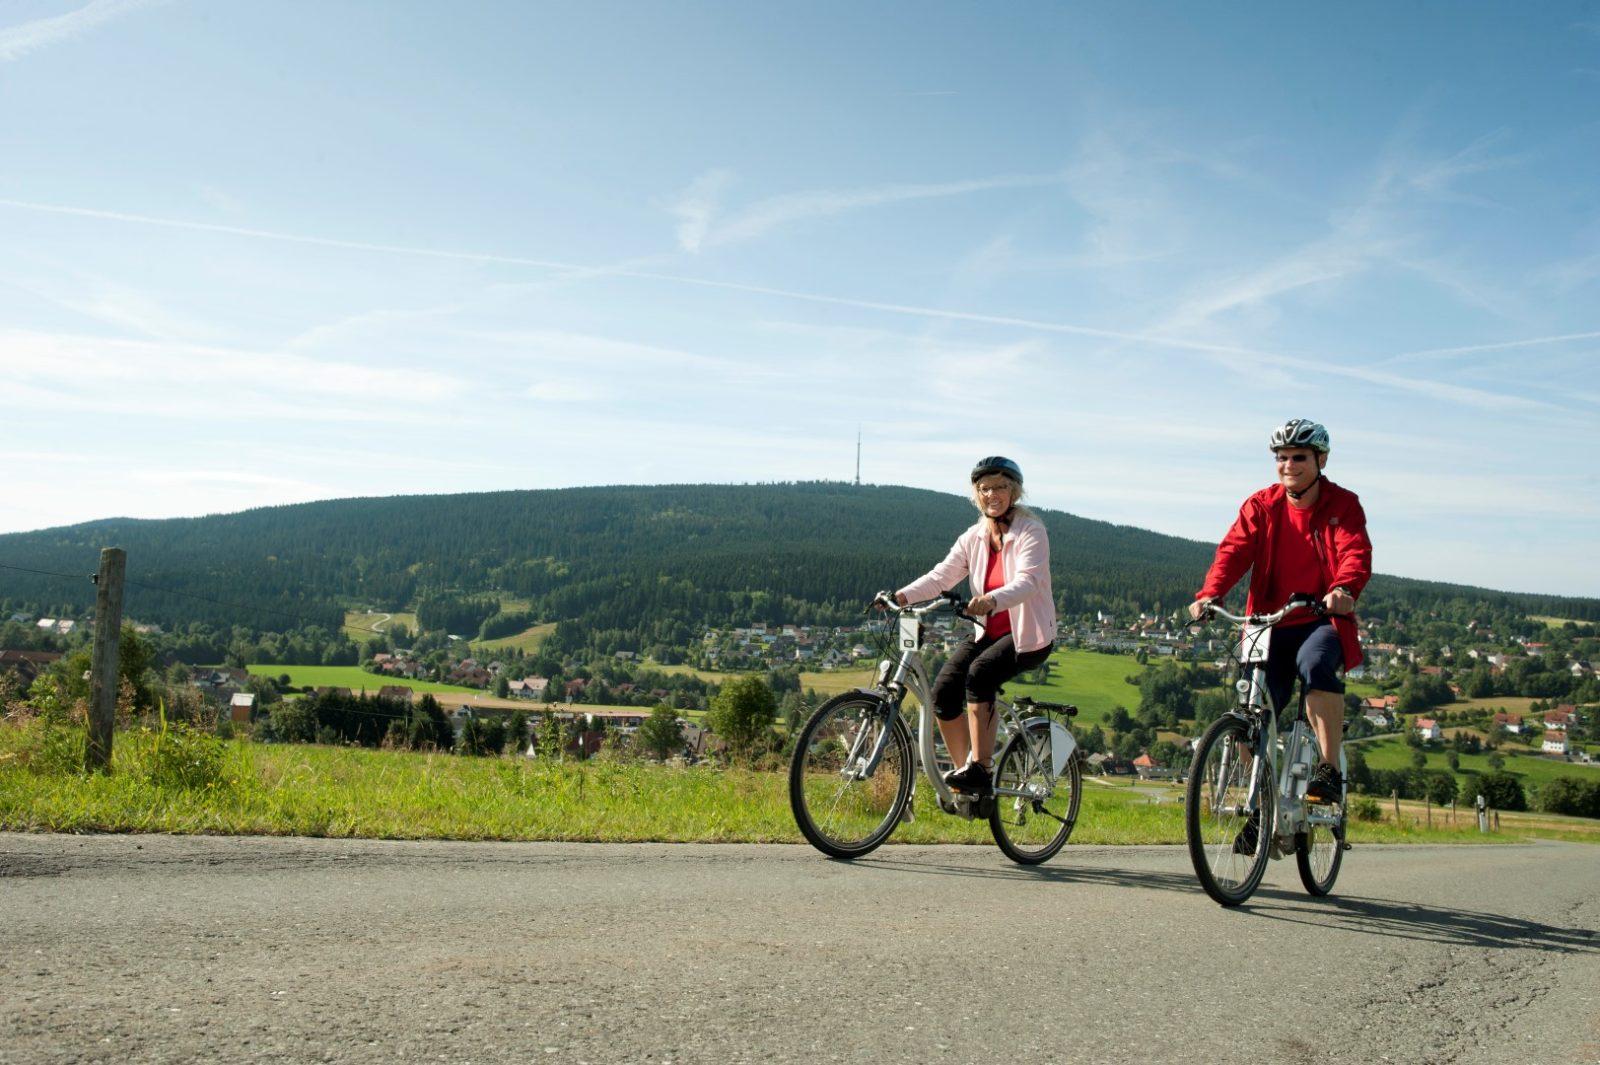 Radfahren im Naturpark Fichtelgebirge